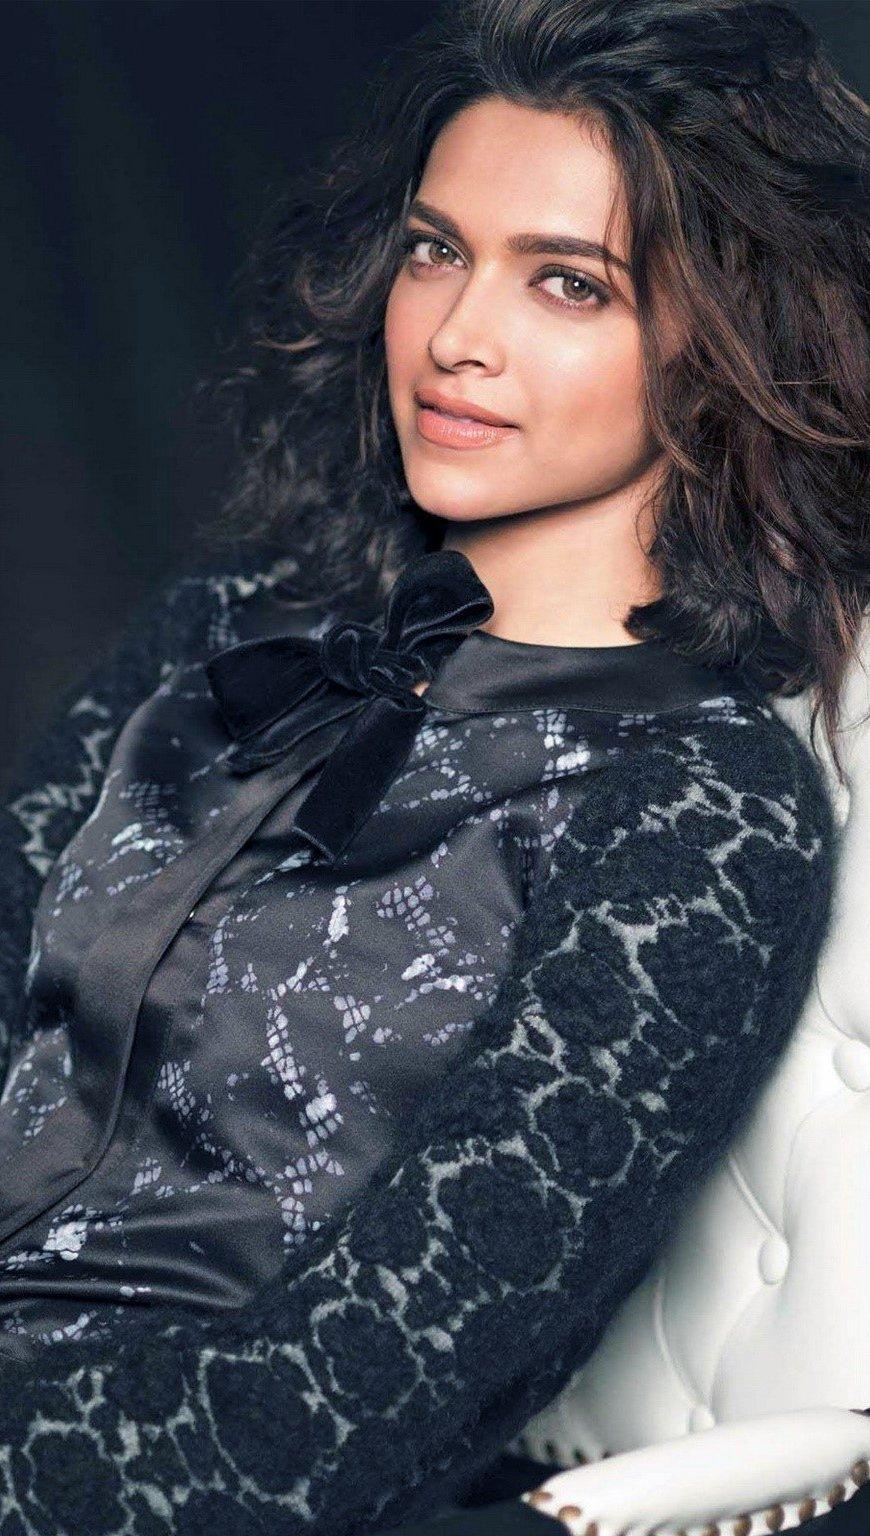 Fondos de pantalla Deepika Padukone en una silla Vertical